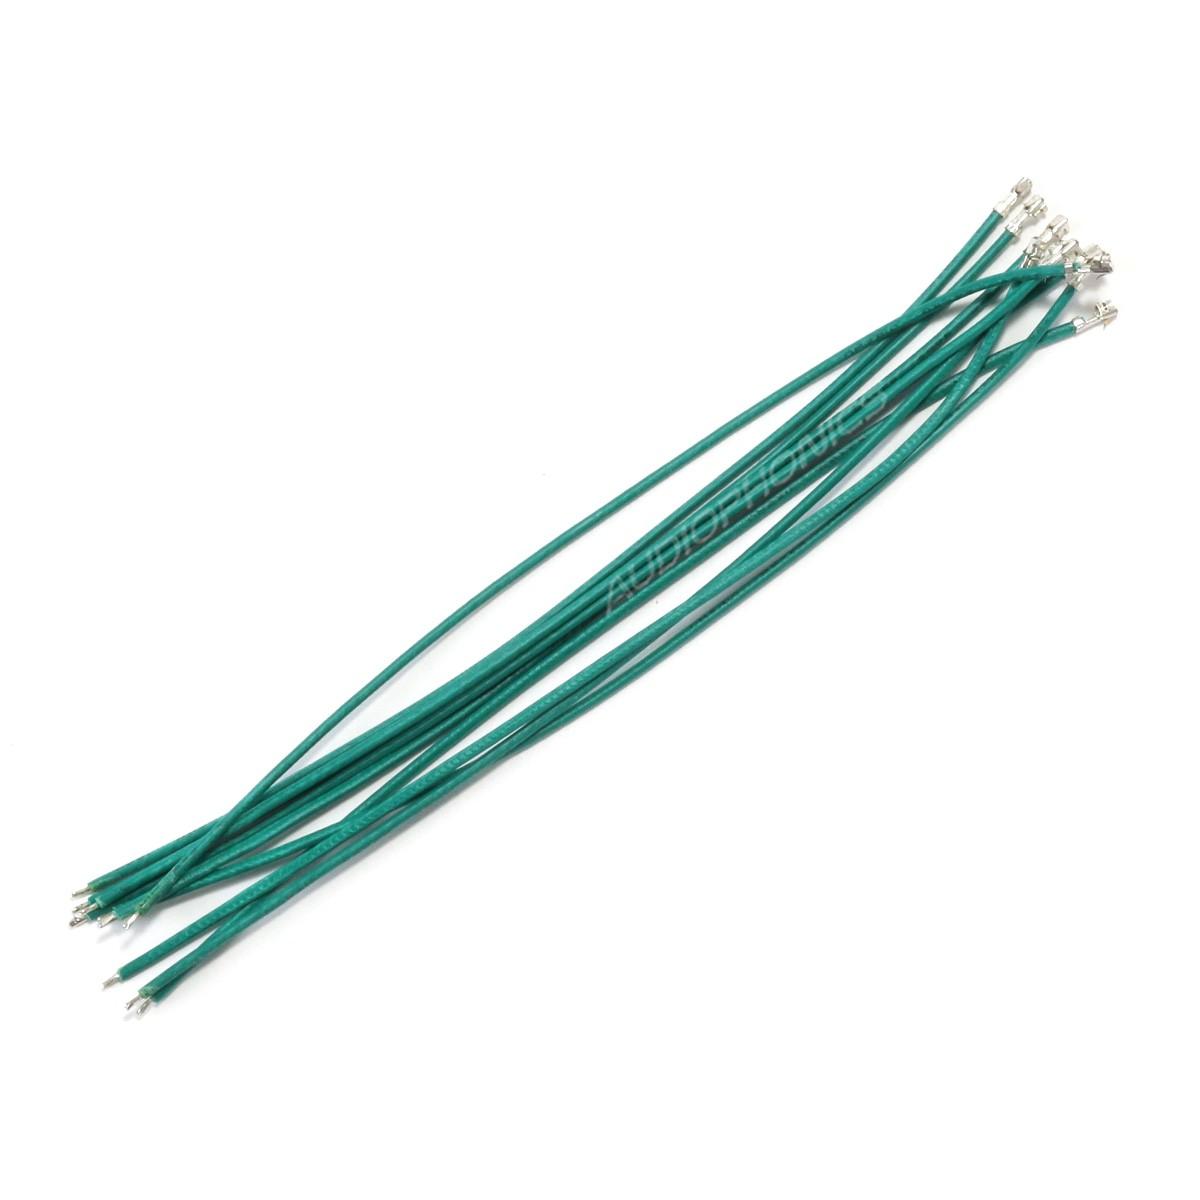 Câble XH 2.54mm Femelle vers Fil Nu Sans Boîtier 15cm Vert (x10)